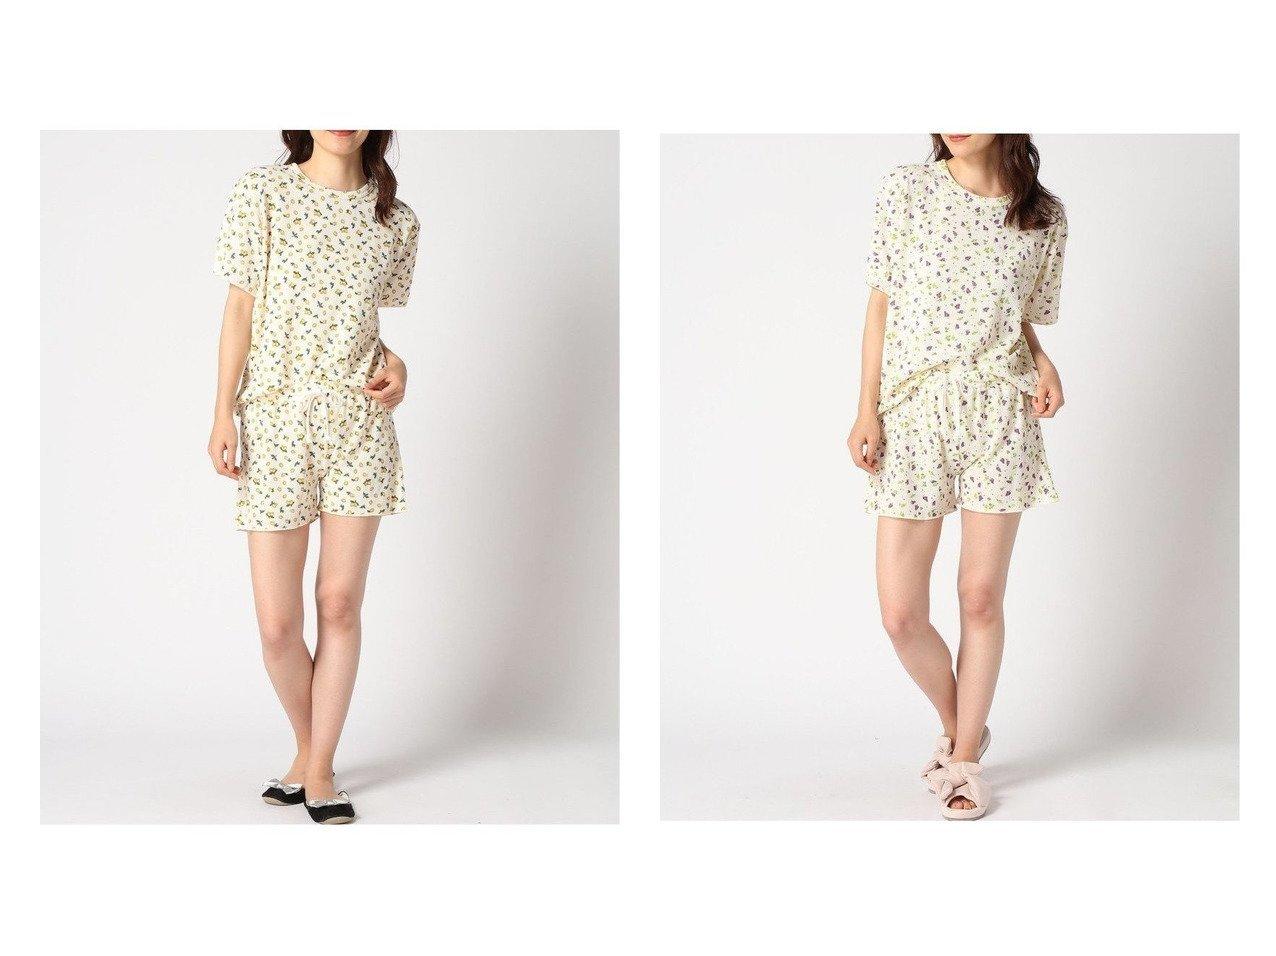 【FRUIT OF THE LOOM/フルーツオブザルーム】のFTL_ワッフル半袖上下セット おすすめ!人気、トレンド・レディースファッションの通販 おすすめで人気の流行・トレンド、ファッションの通販商品 インテリア・家具・メンズファッション・キッズファッション・レディースファッション・服の通販 founy(ファニー) https://founy.com/ ファッション Fashion レディースファッション WOMEN トップス・カットソー Tops/Tshirt アンダー イエロー インナー 吸水 タオル パープル プリント ベーシック 半袖 ワッフル おすすめ Recommend お家時間・ステイホーム Home Time/Stay Home |ID:crp329100000061971